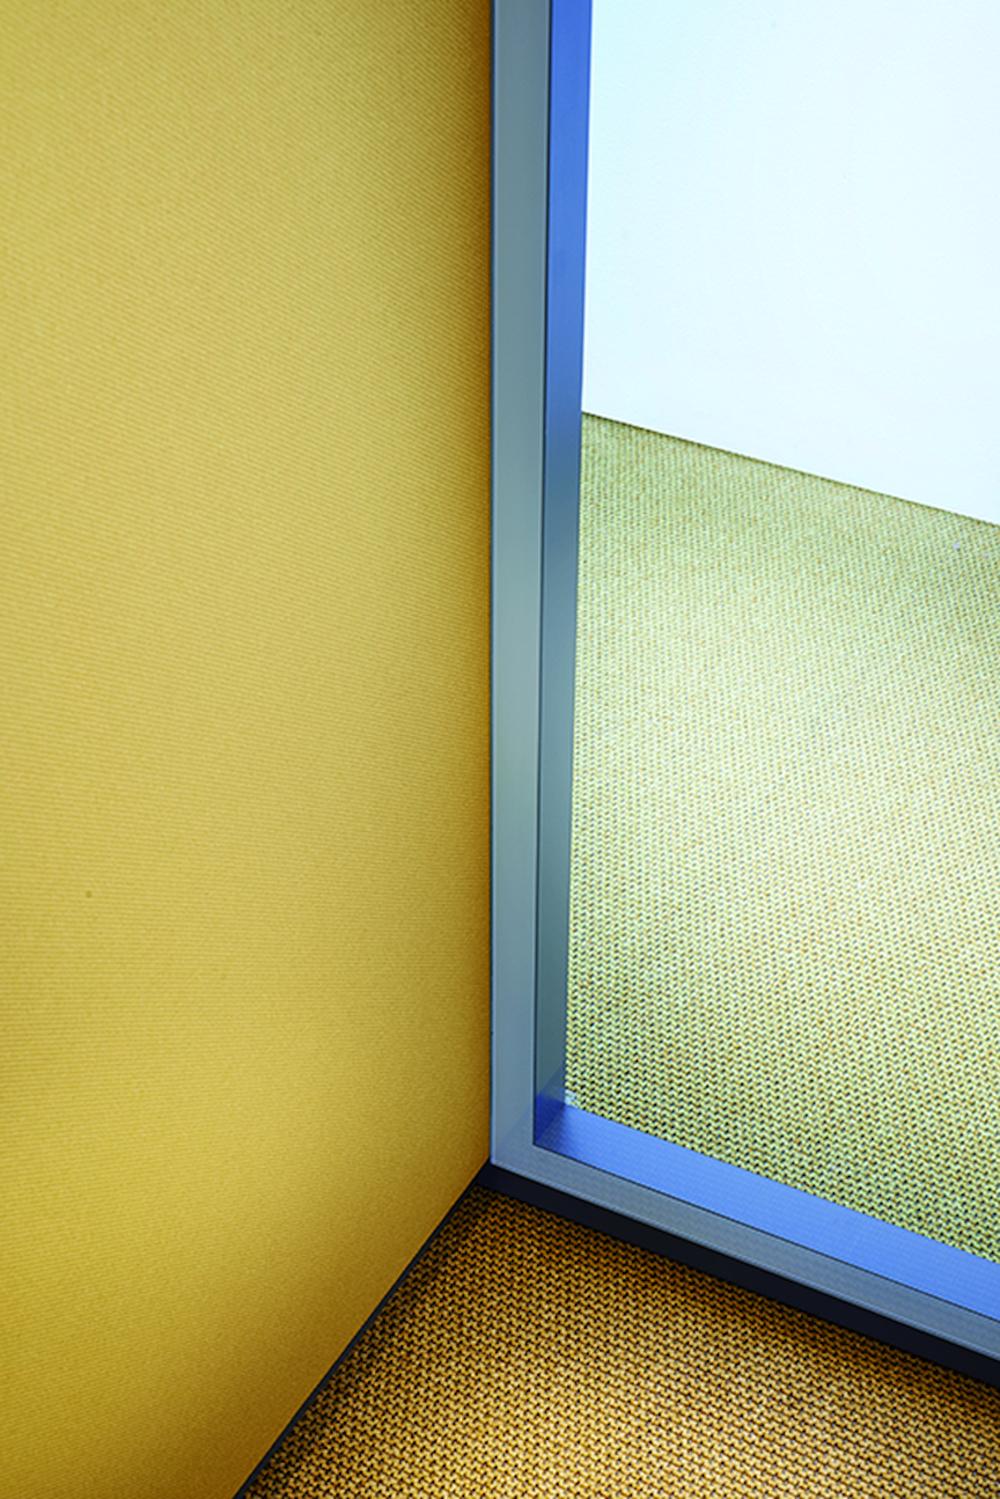 Raumakustik-Schallschutz-Lärm-Raum-in-Raum-CAS Rooms-9